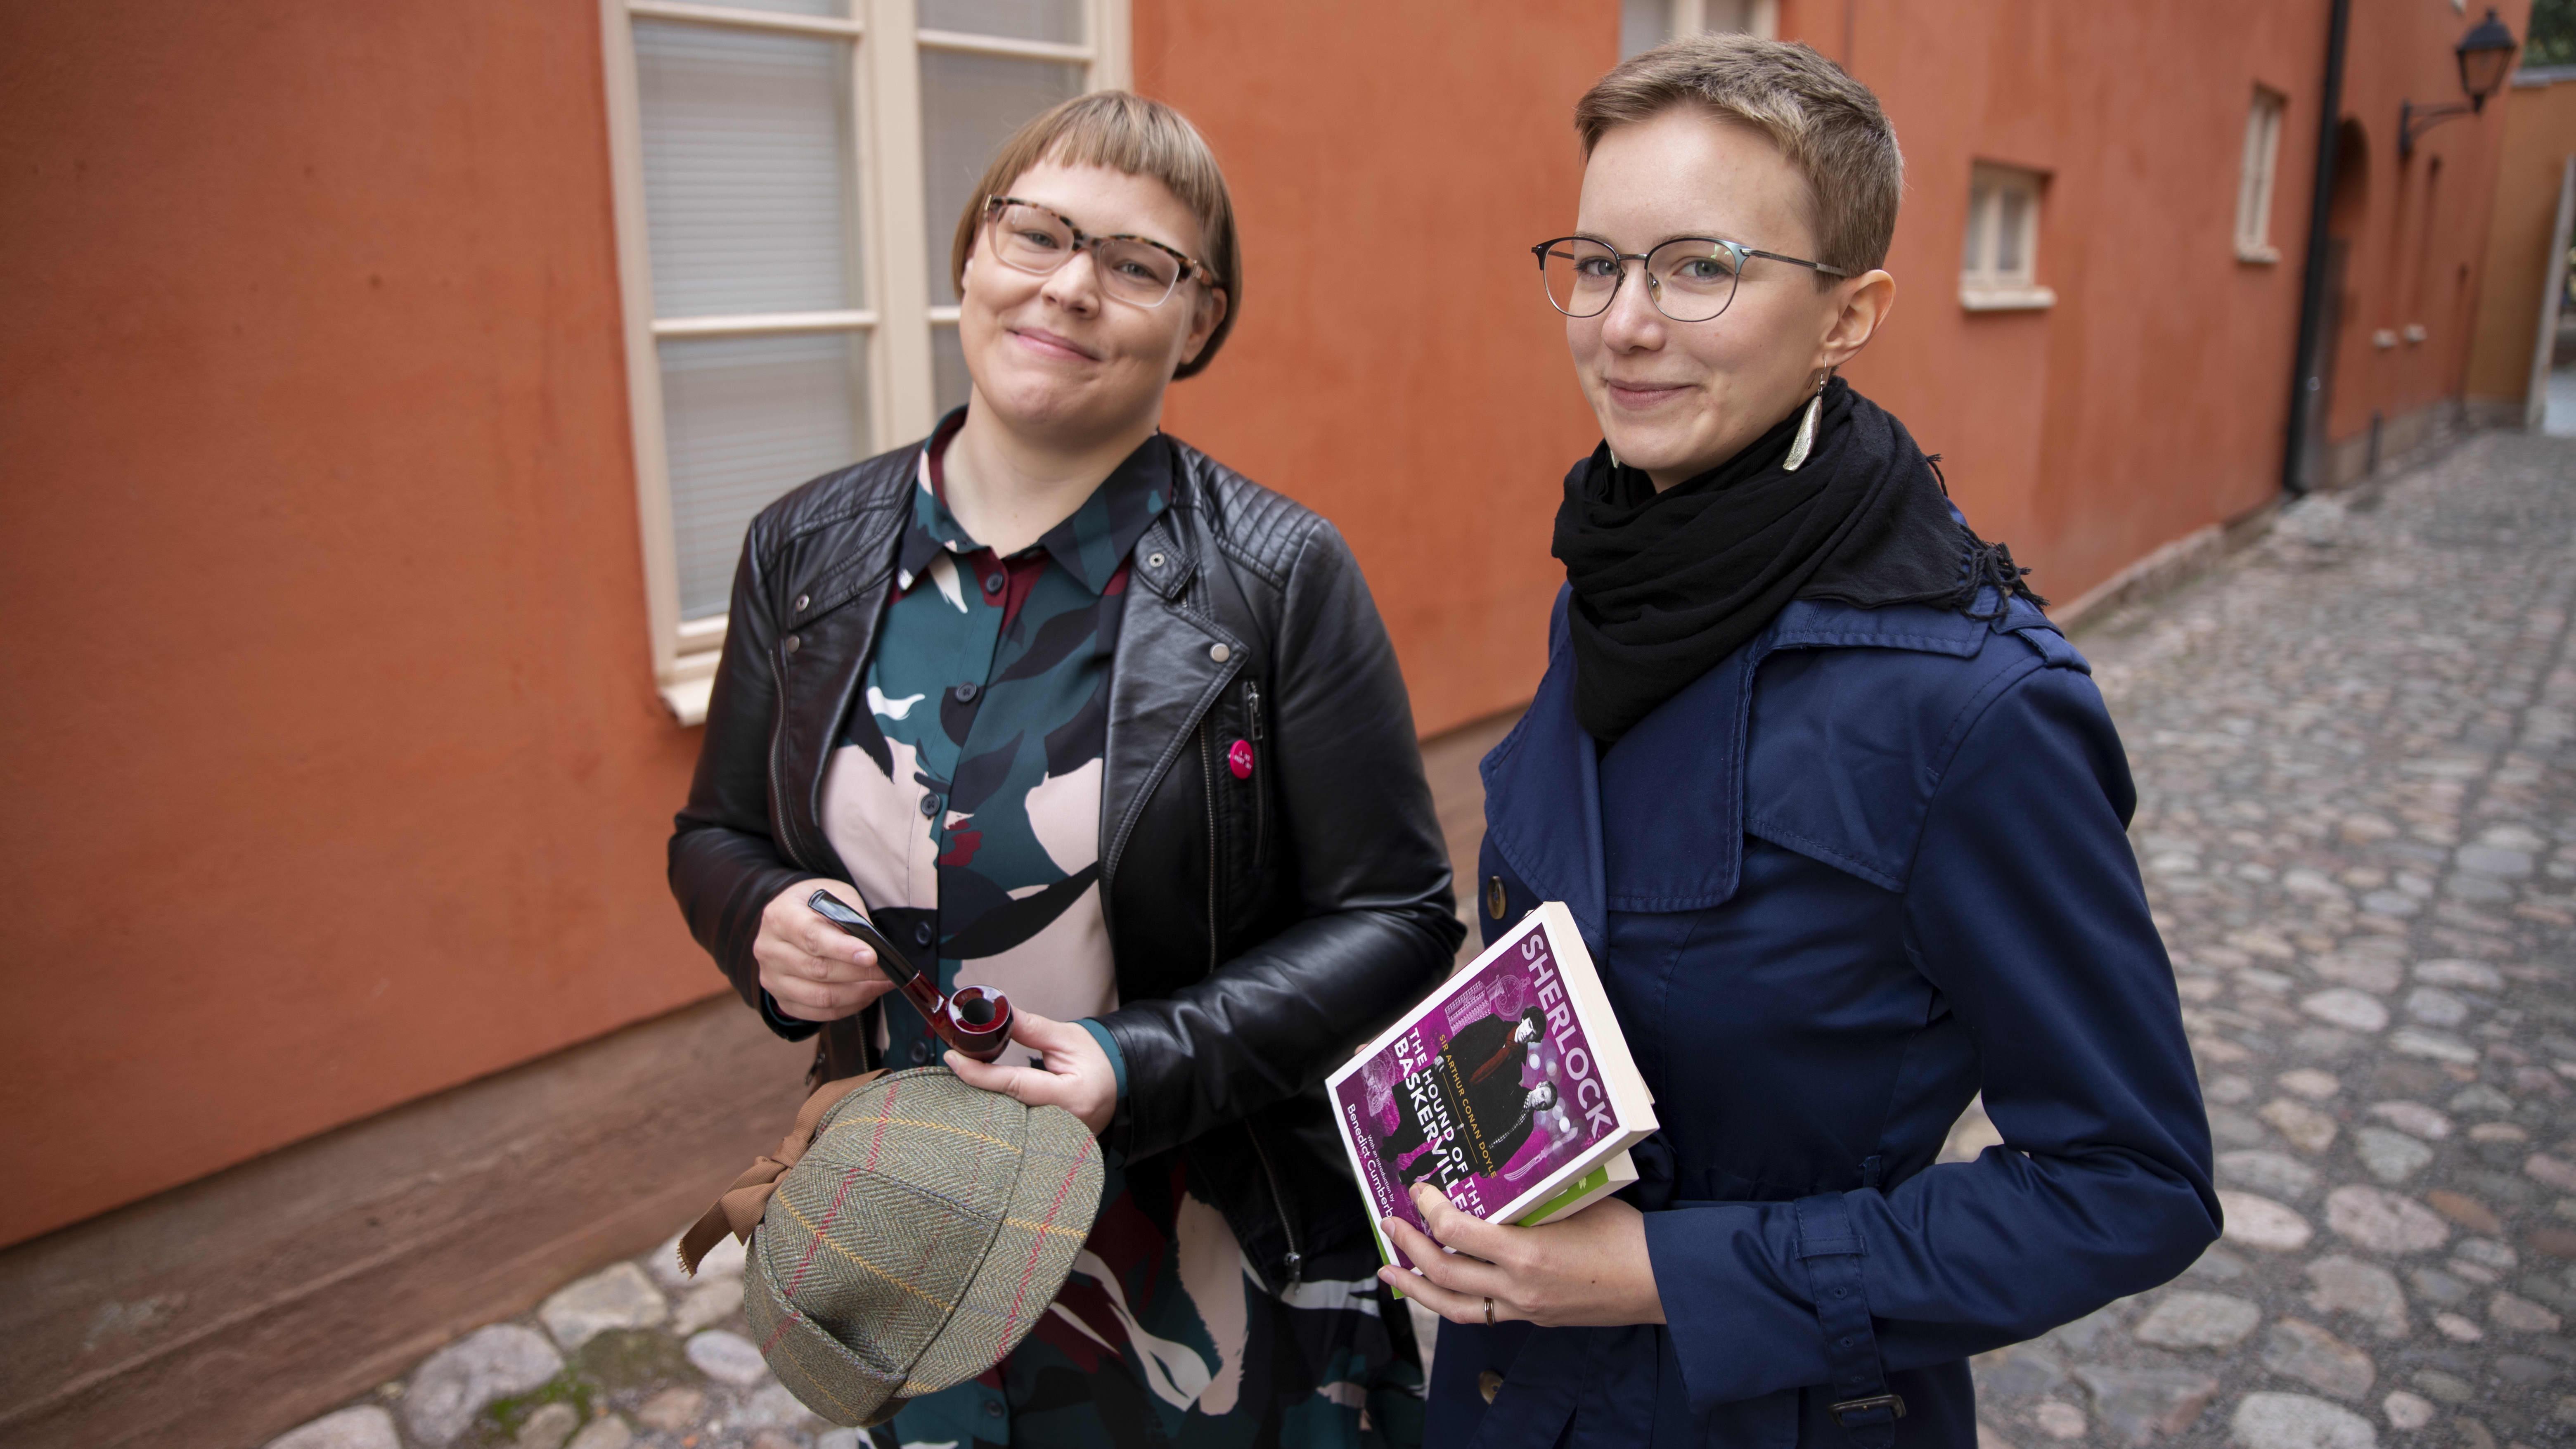 Tutkija Elina Karvo ja Suvi Laine poseeraavat Sherlock Holmesin hatun ja kirjojen kanssa Vanhan Suurtorin maisemassa.